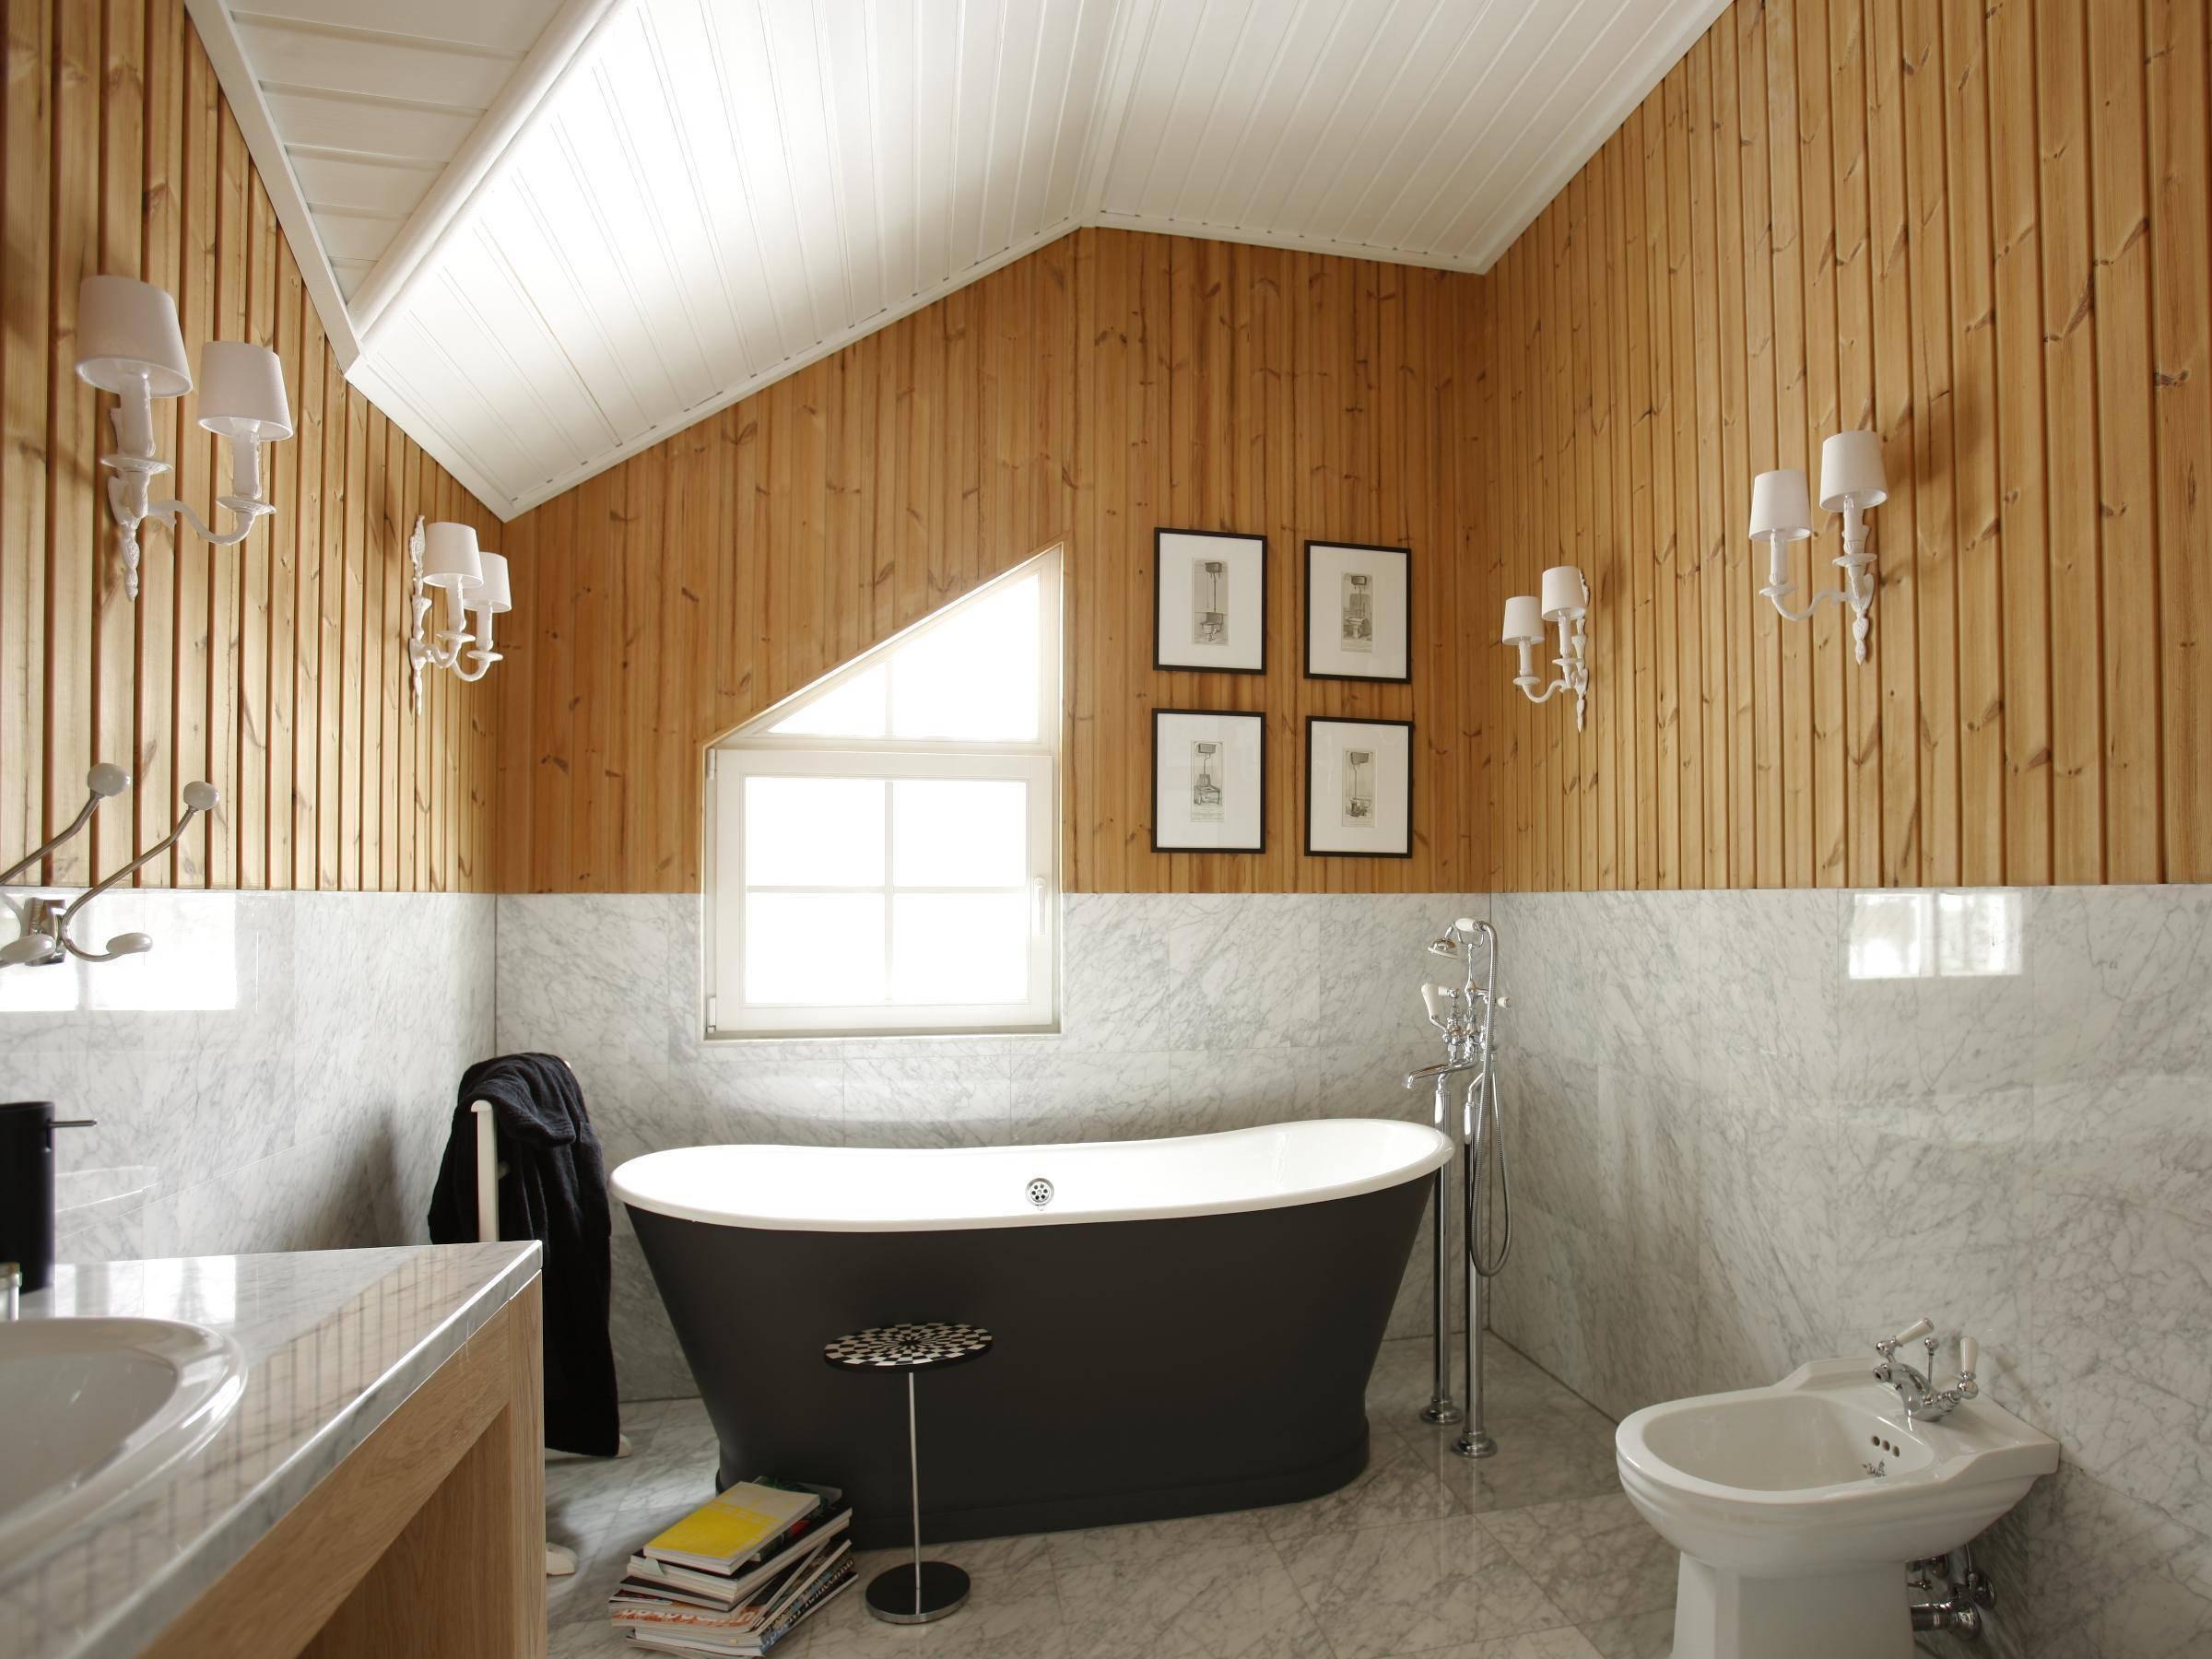 Отделка плиткой в деревянном доме. особенности обустройства ванной комнаты в доме из дерева